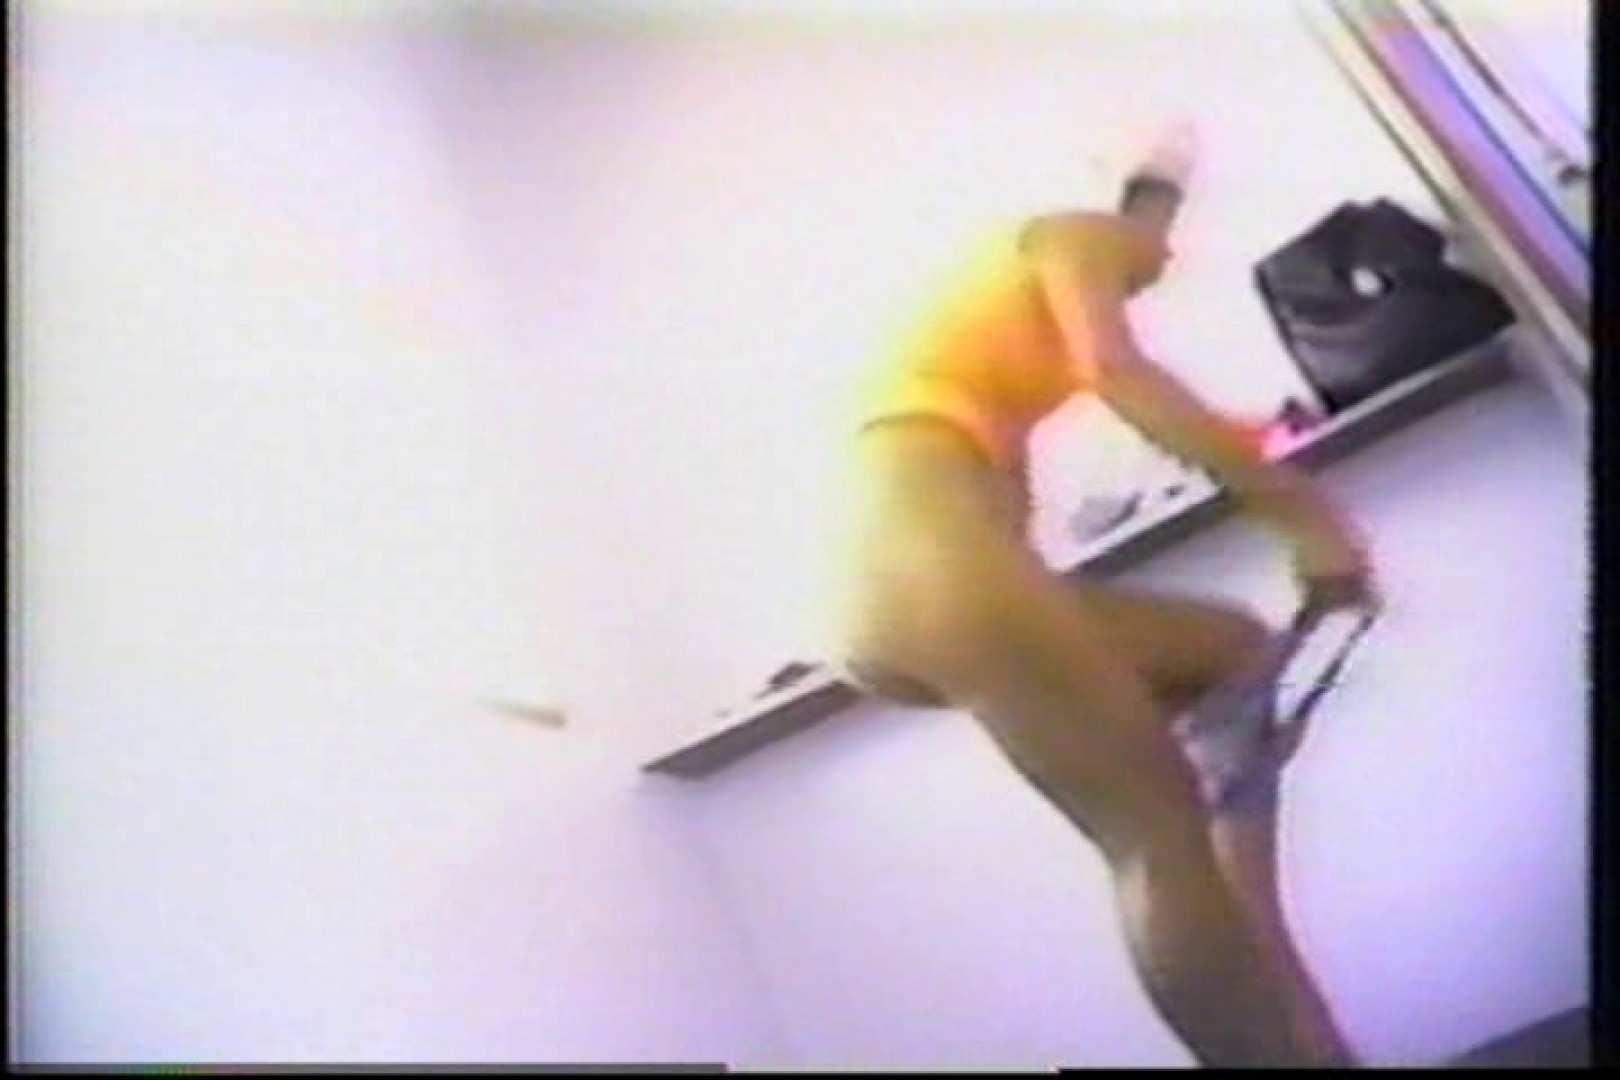 海の家の個室更衣室盗撮 全身全裸が丸見え TK-95 ギャル のぞき動画画像 87PIX 72